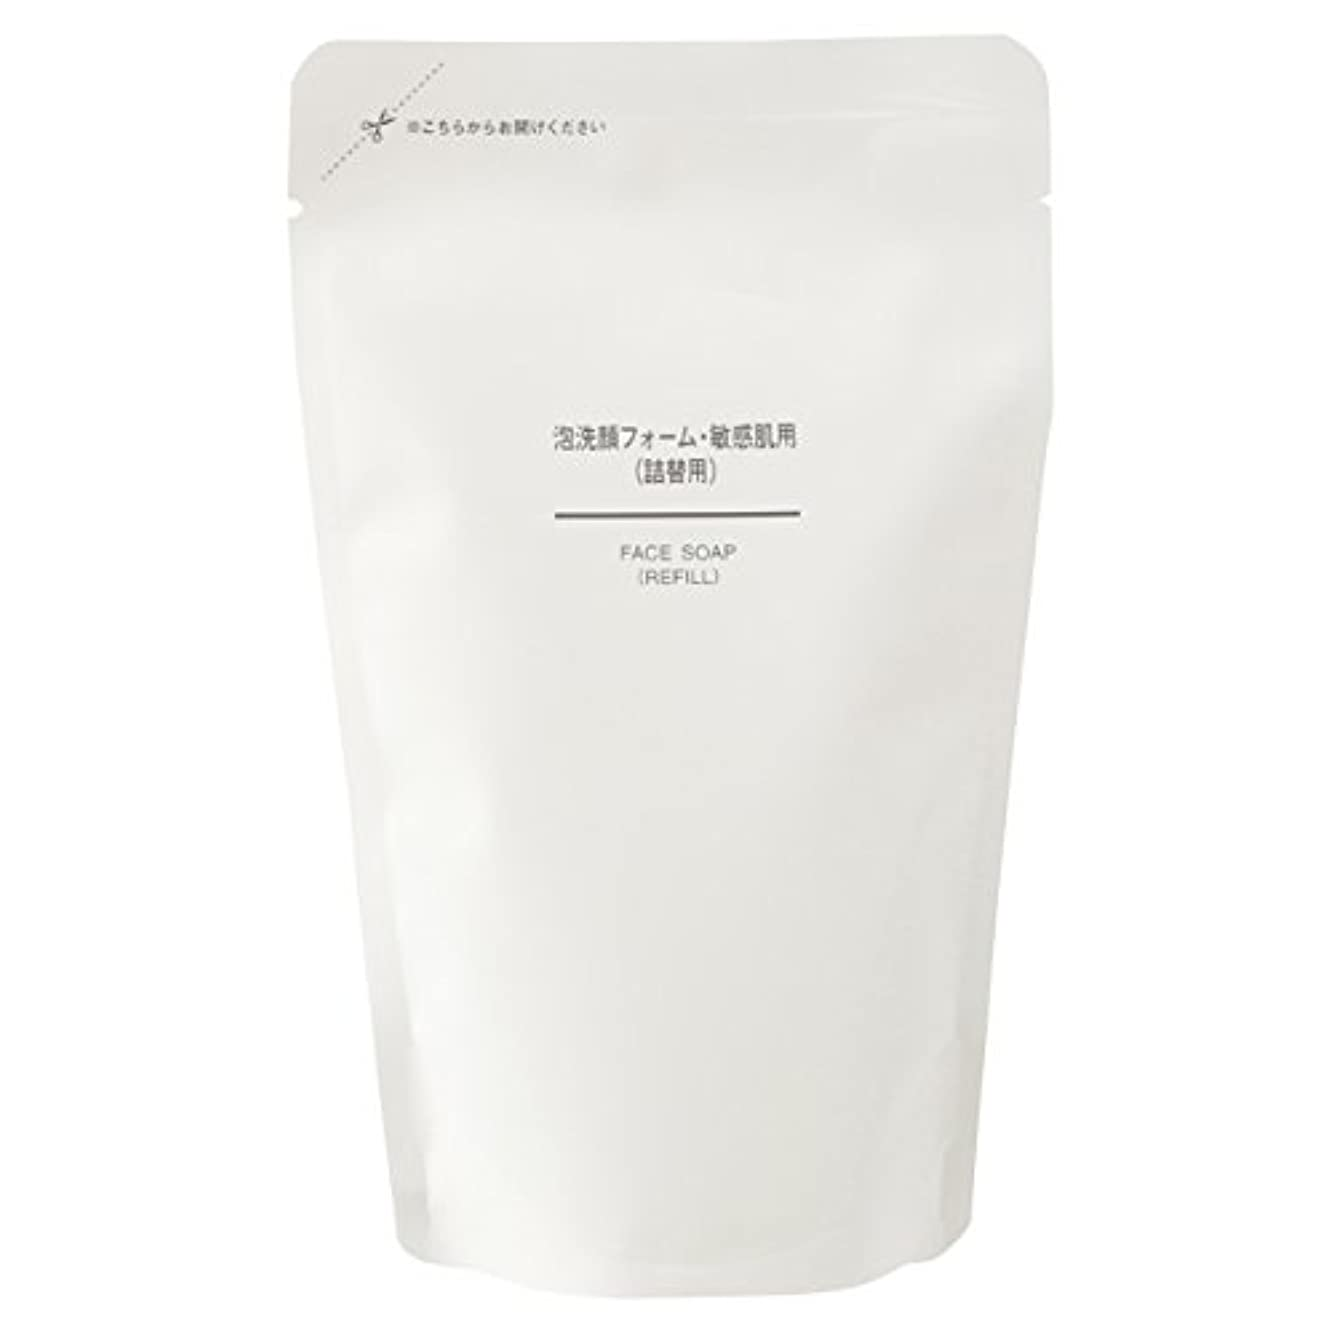 ディンカルビルはさみ枠無印良品 泡洗顔フォーム 敏感肌用(詰替用) 180ml